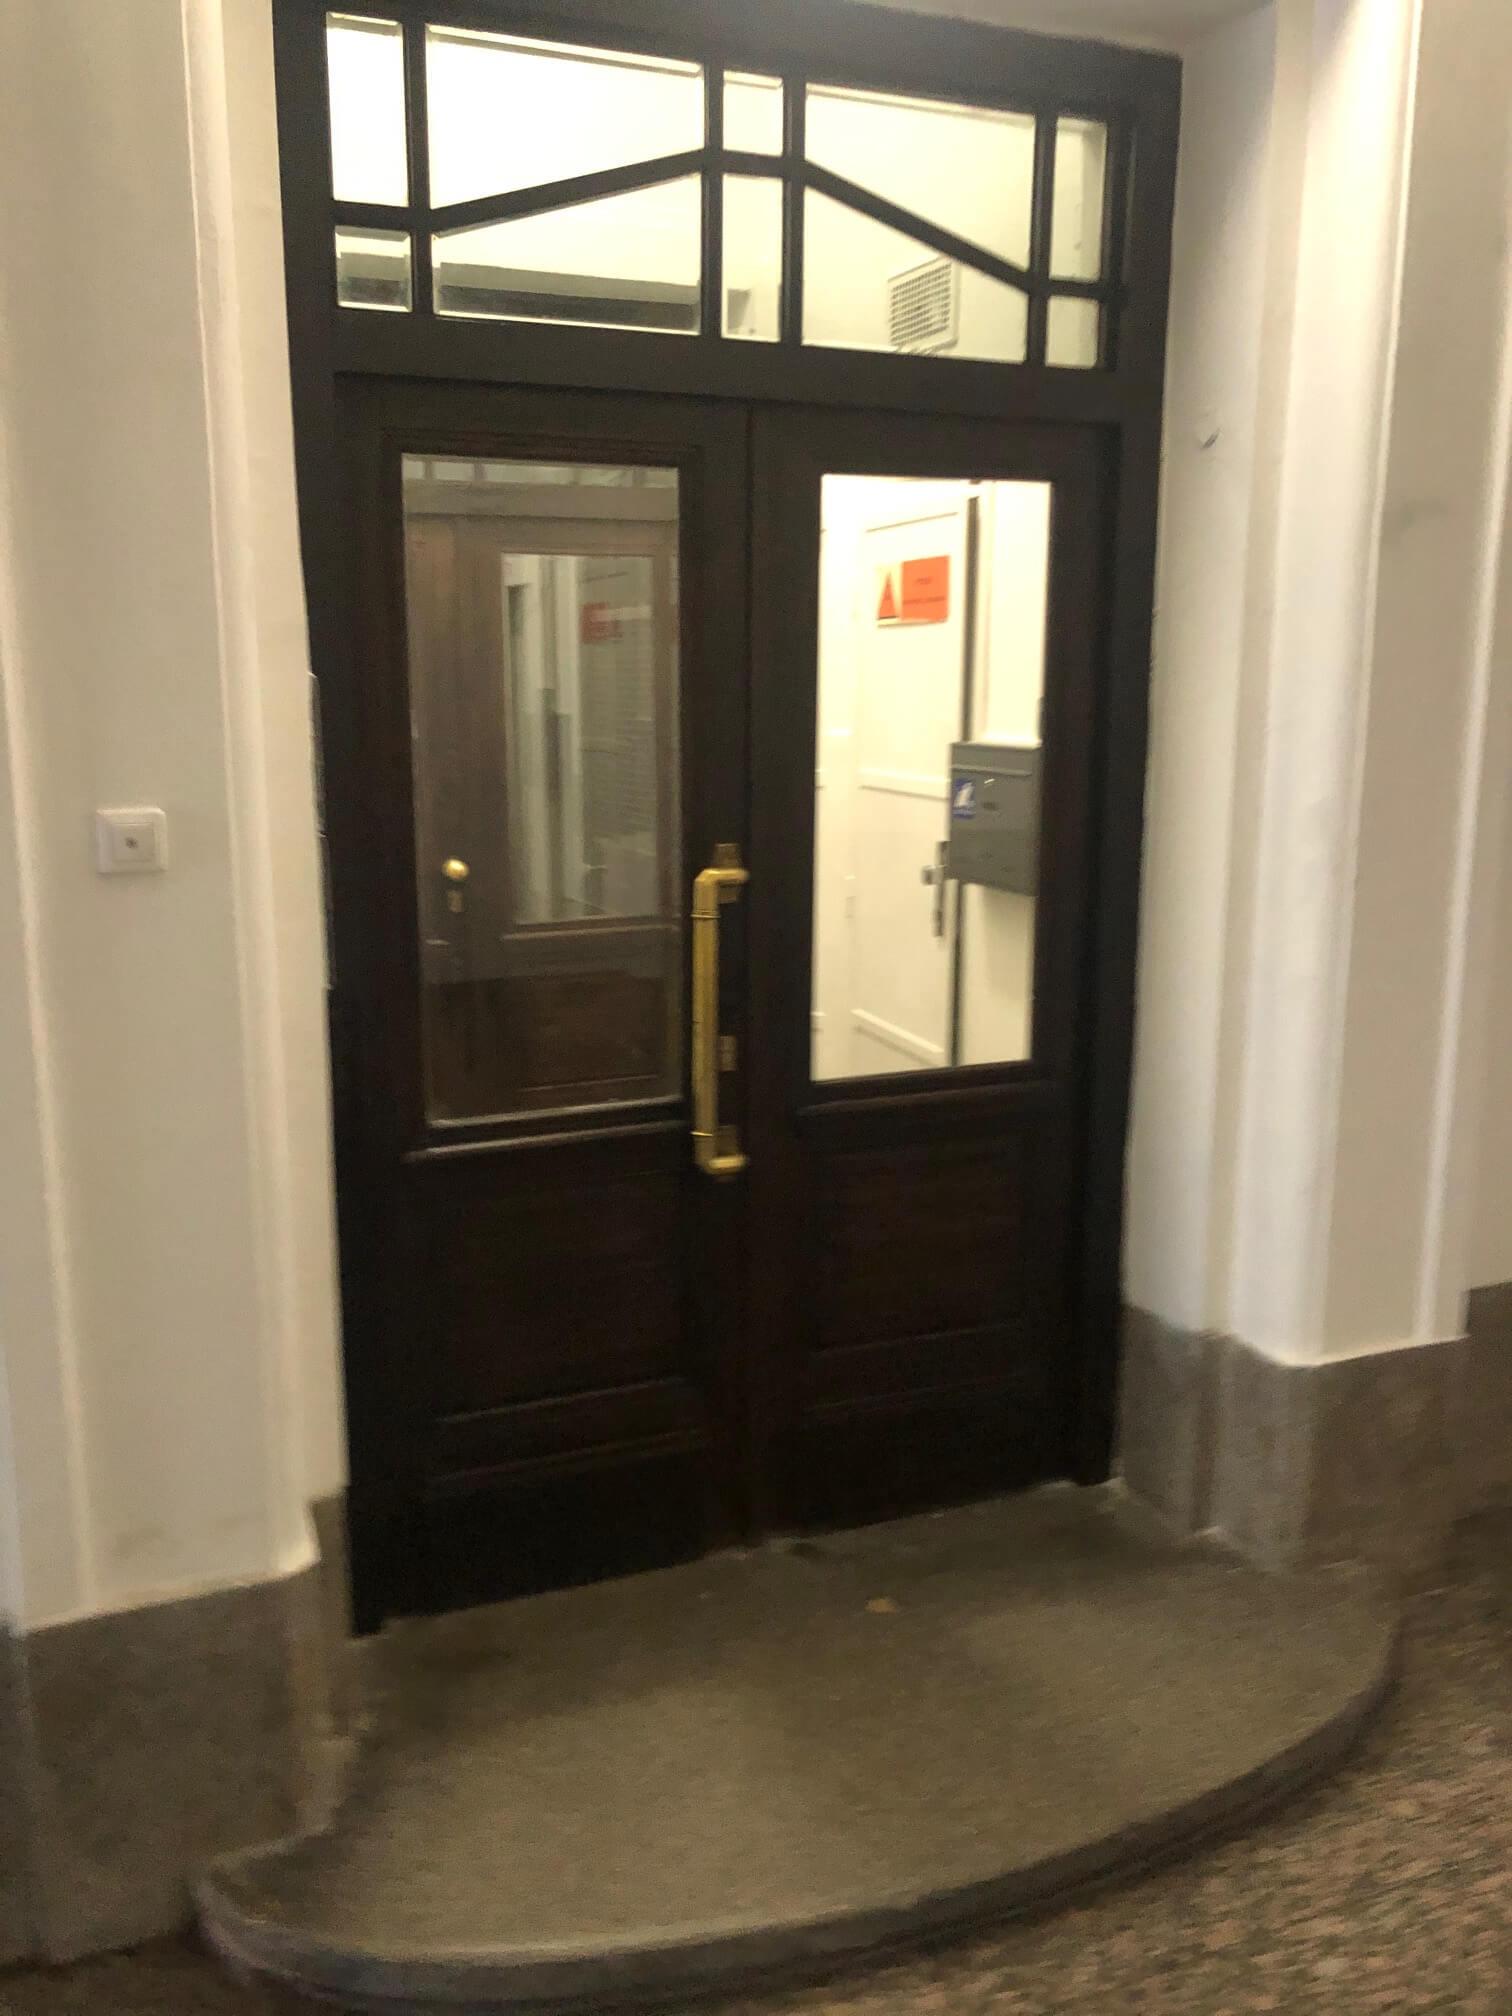 Na prenájom exkluzívne 2 izbový byt, 73,34m2, v Centre BA, Gorkeho 7, 7 poschodie-27